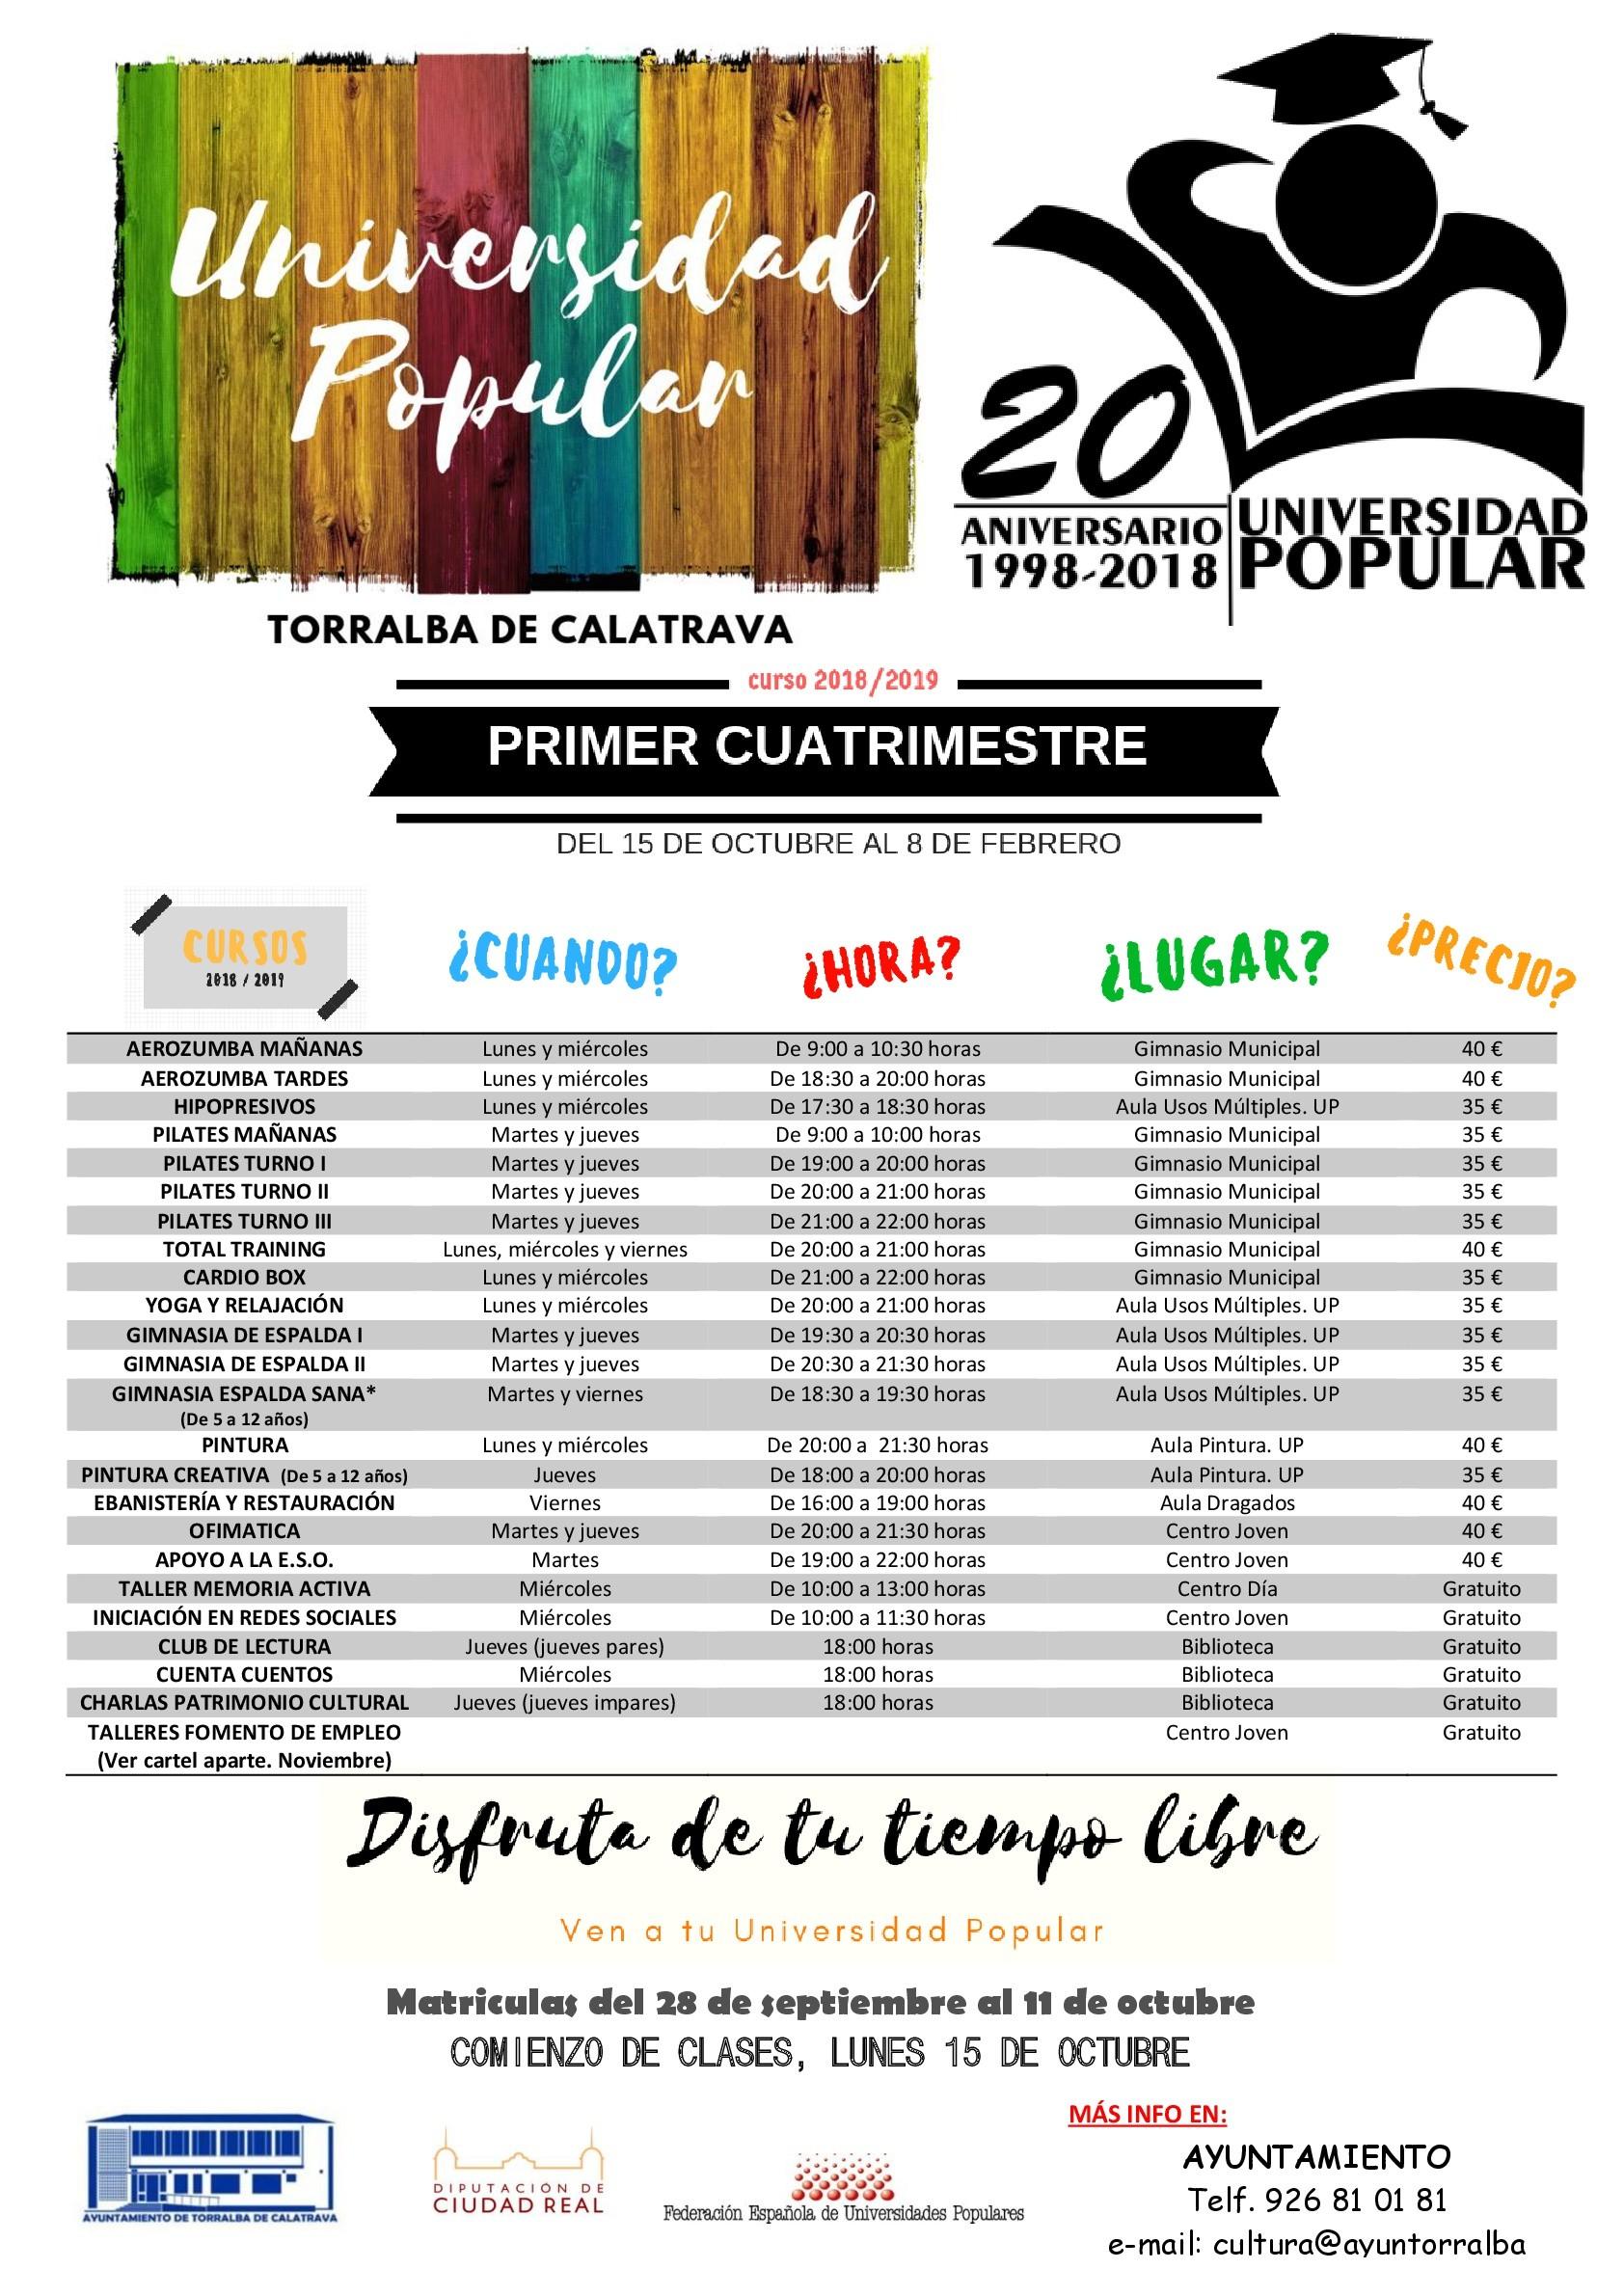 Calendario Laboral 2019 Semana Santa Más Caliente Inicio Ayuntamiento De torralba De Caltrava Of Calendario Laboral 2019 Semana Santa Más Recientes Calendario Escolar